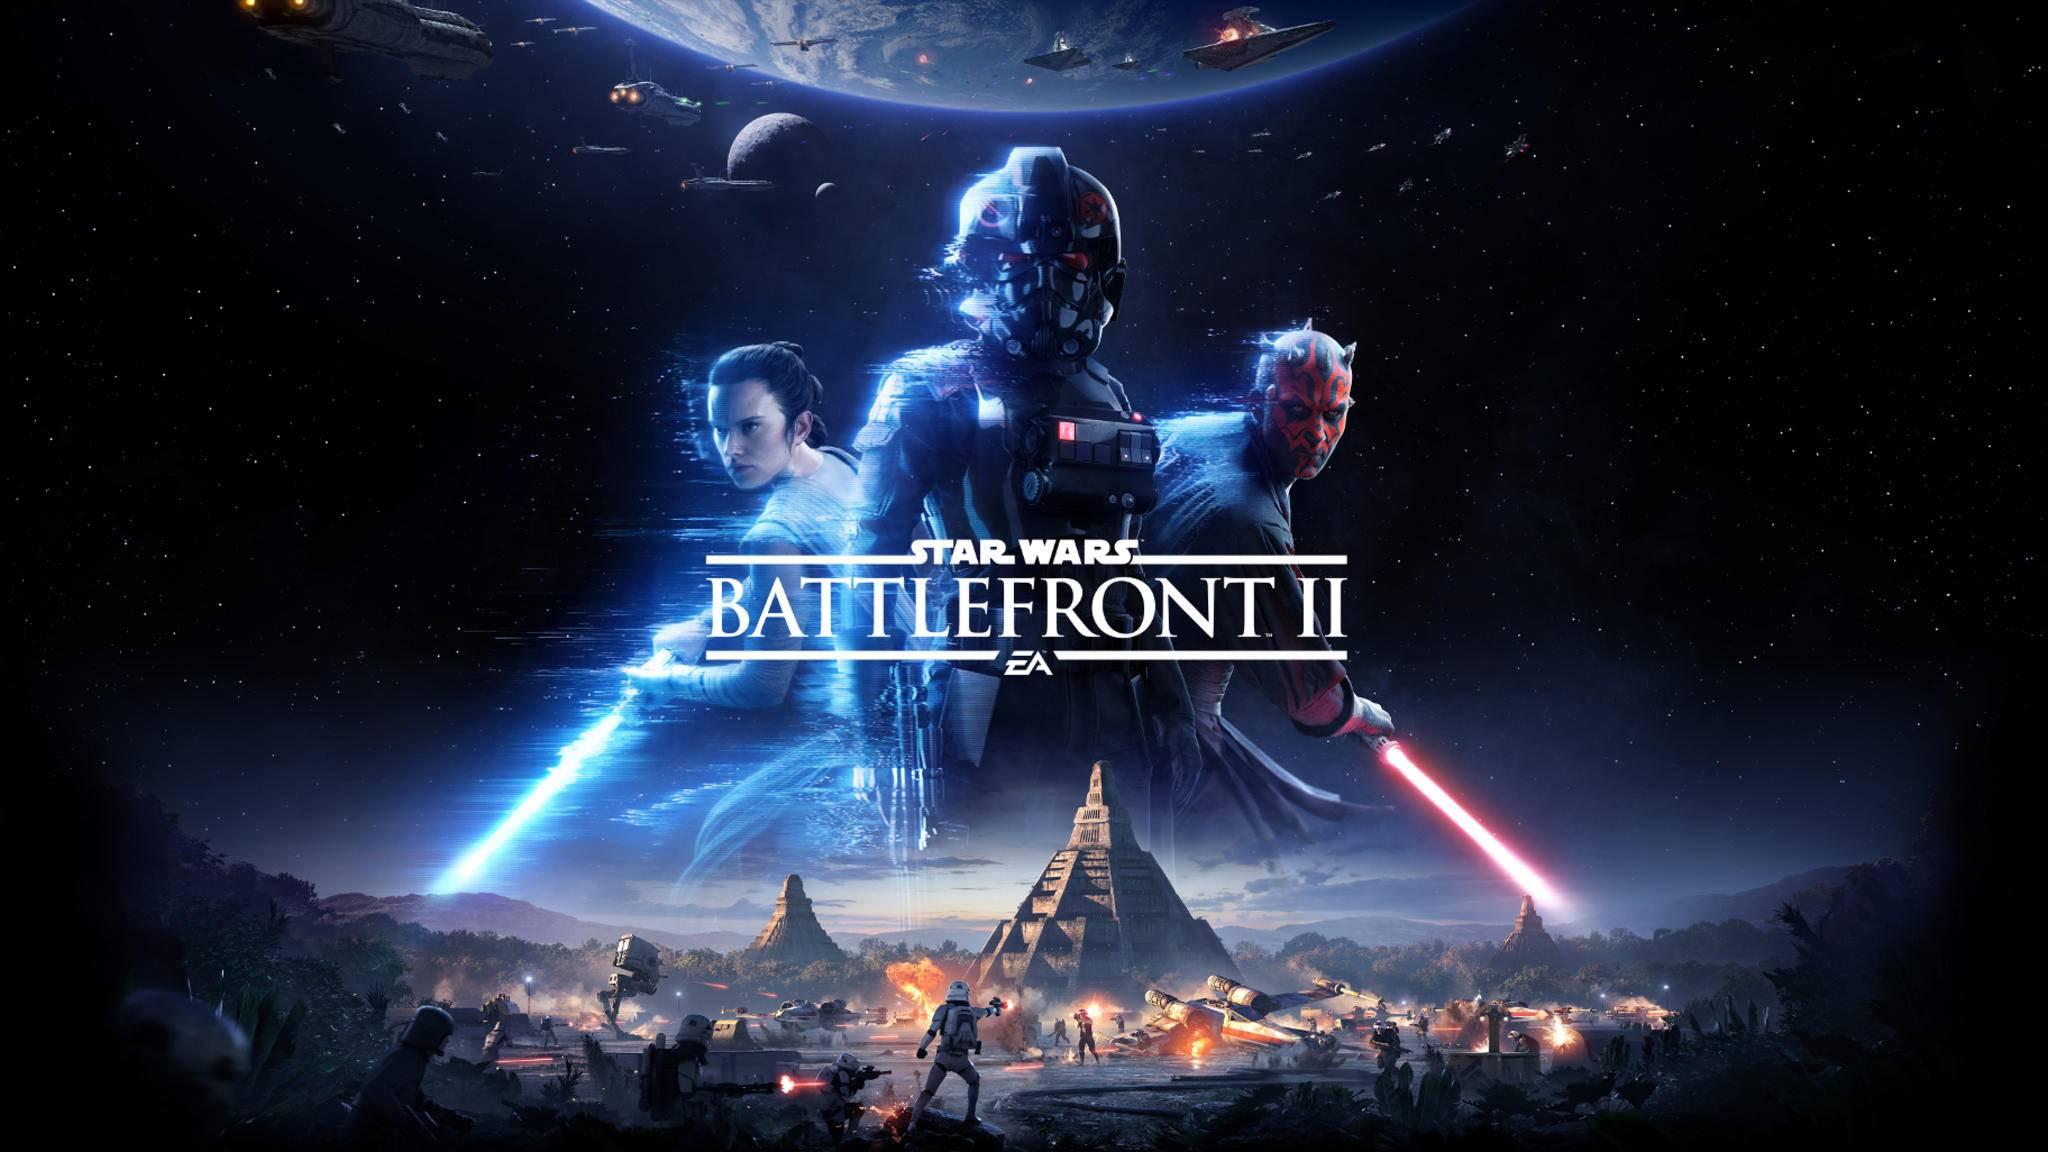 Star Wars Battlefront 2 Artwork